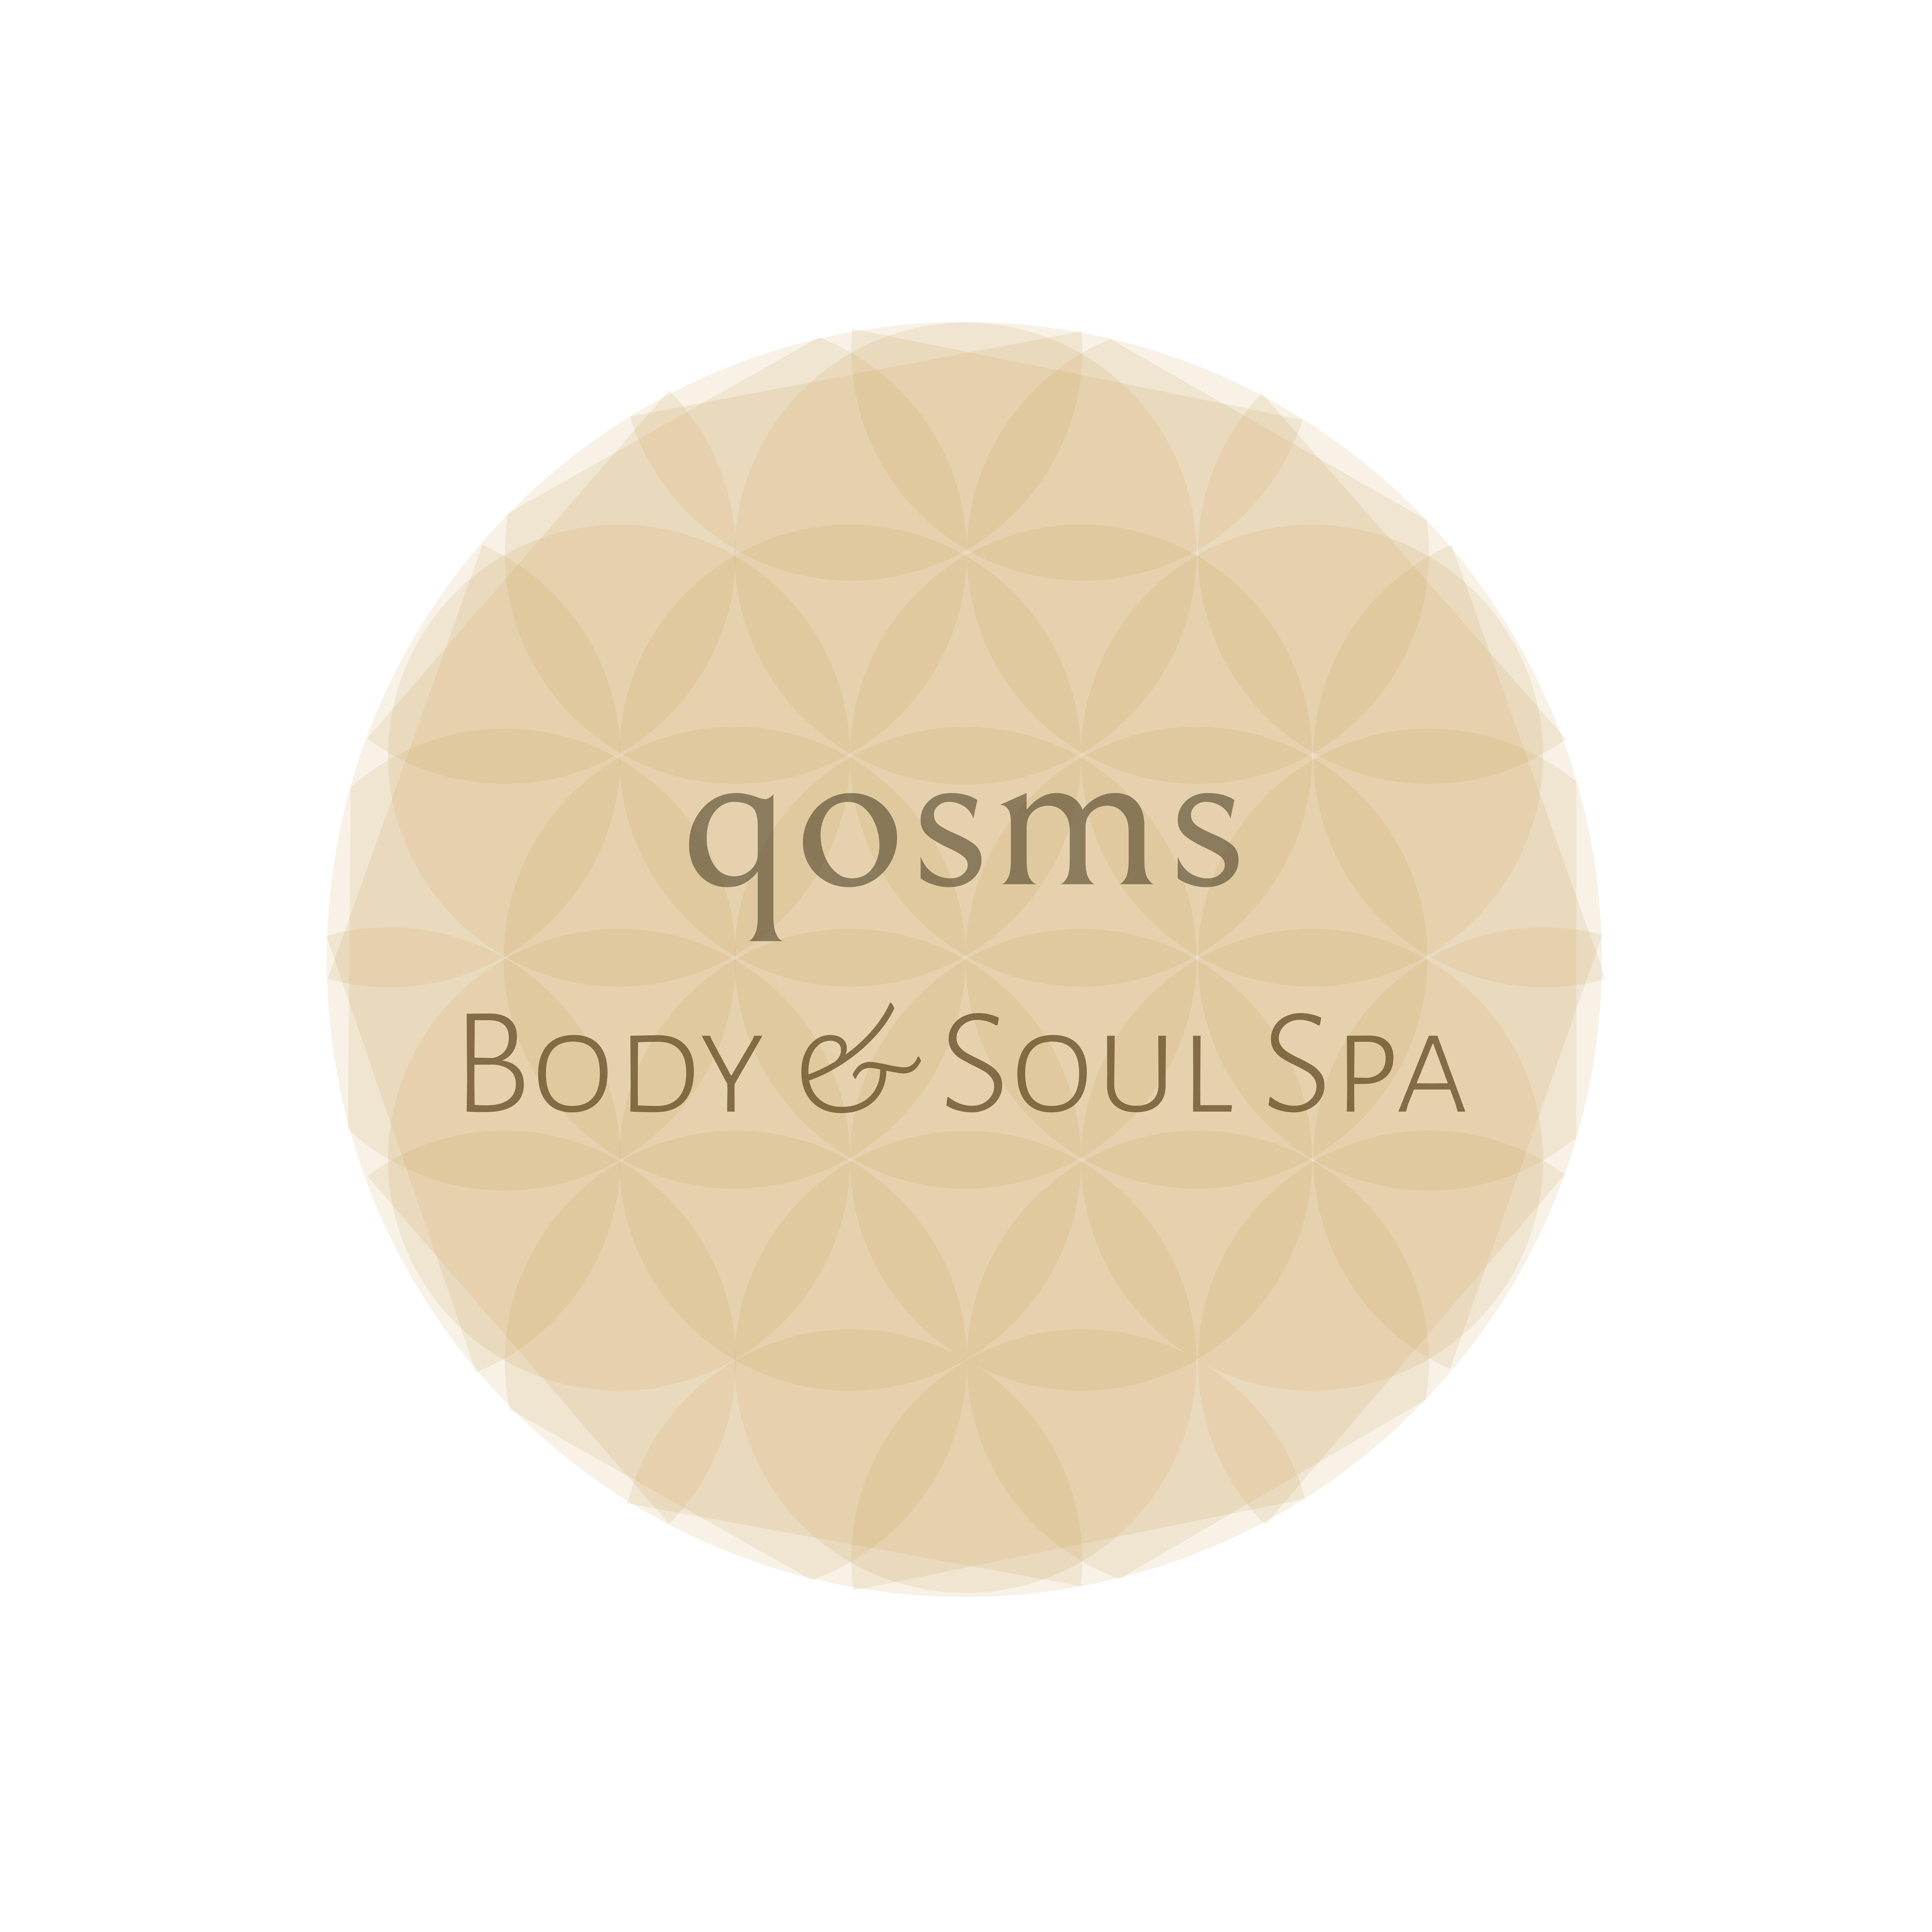 qosms Body & Soul Spa